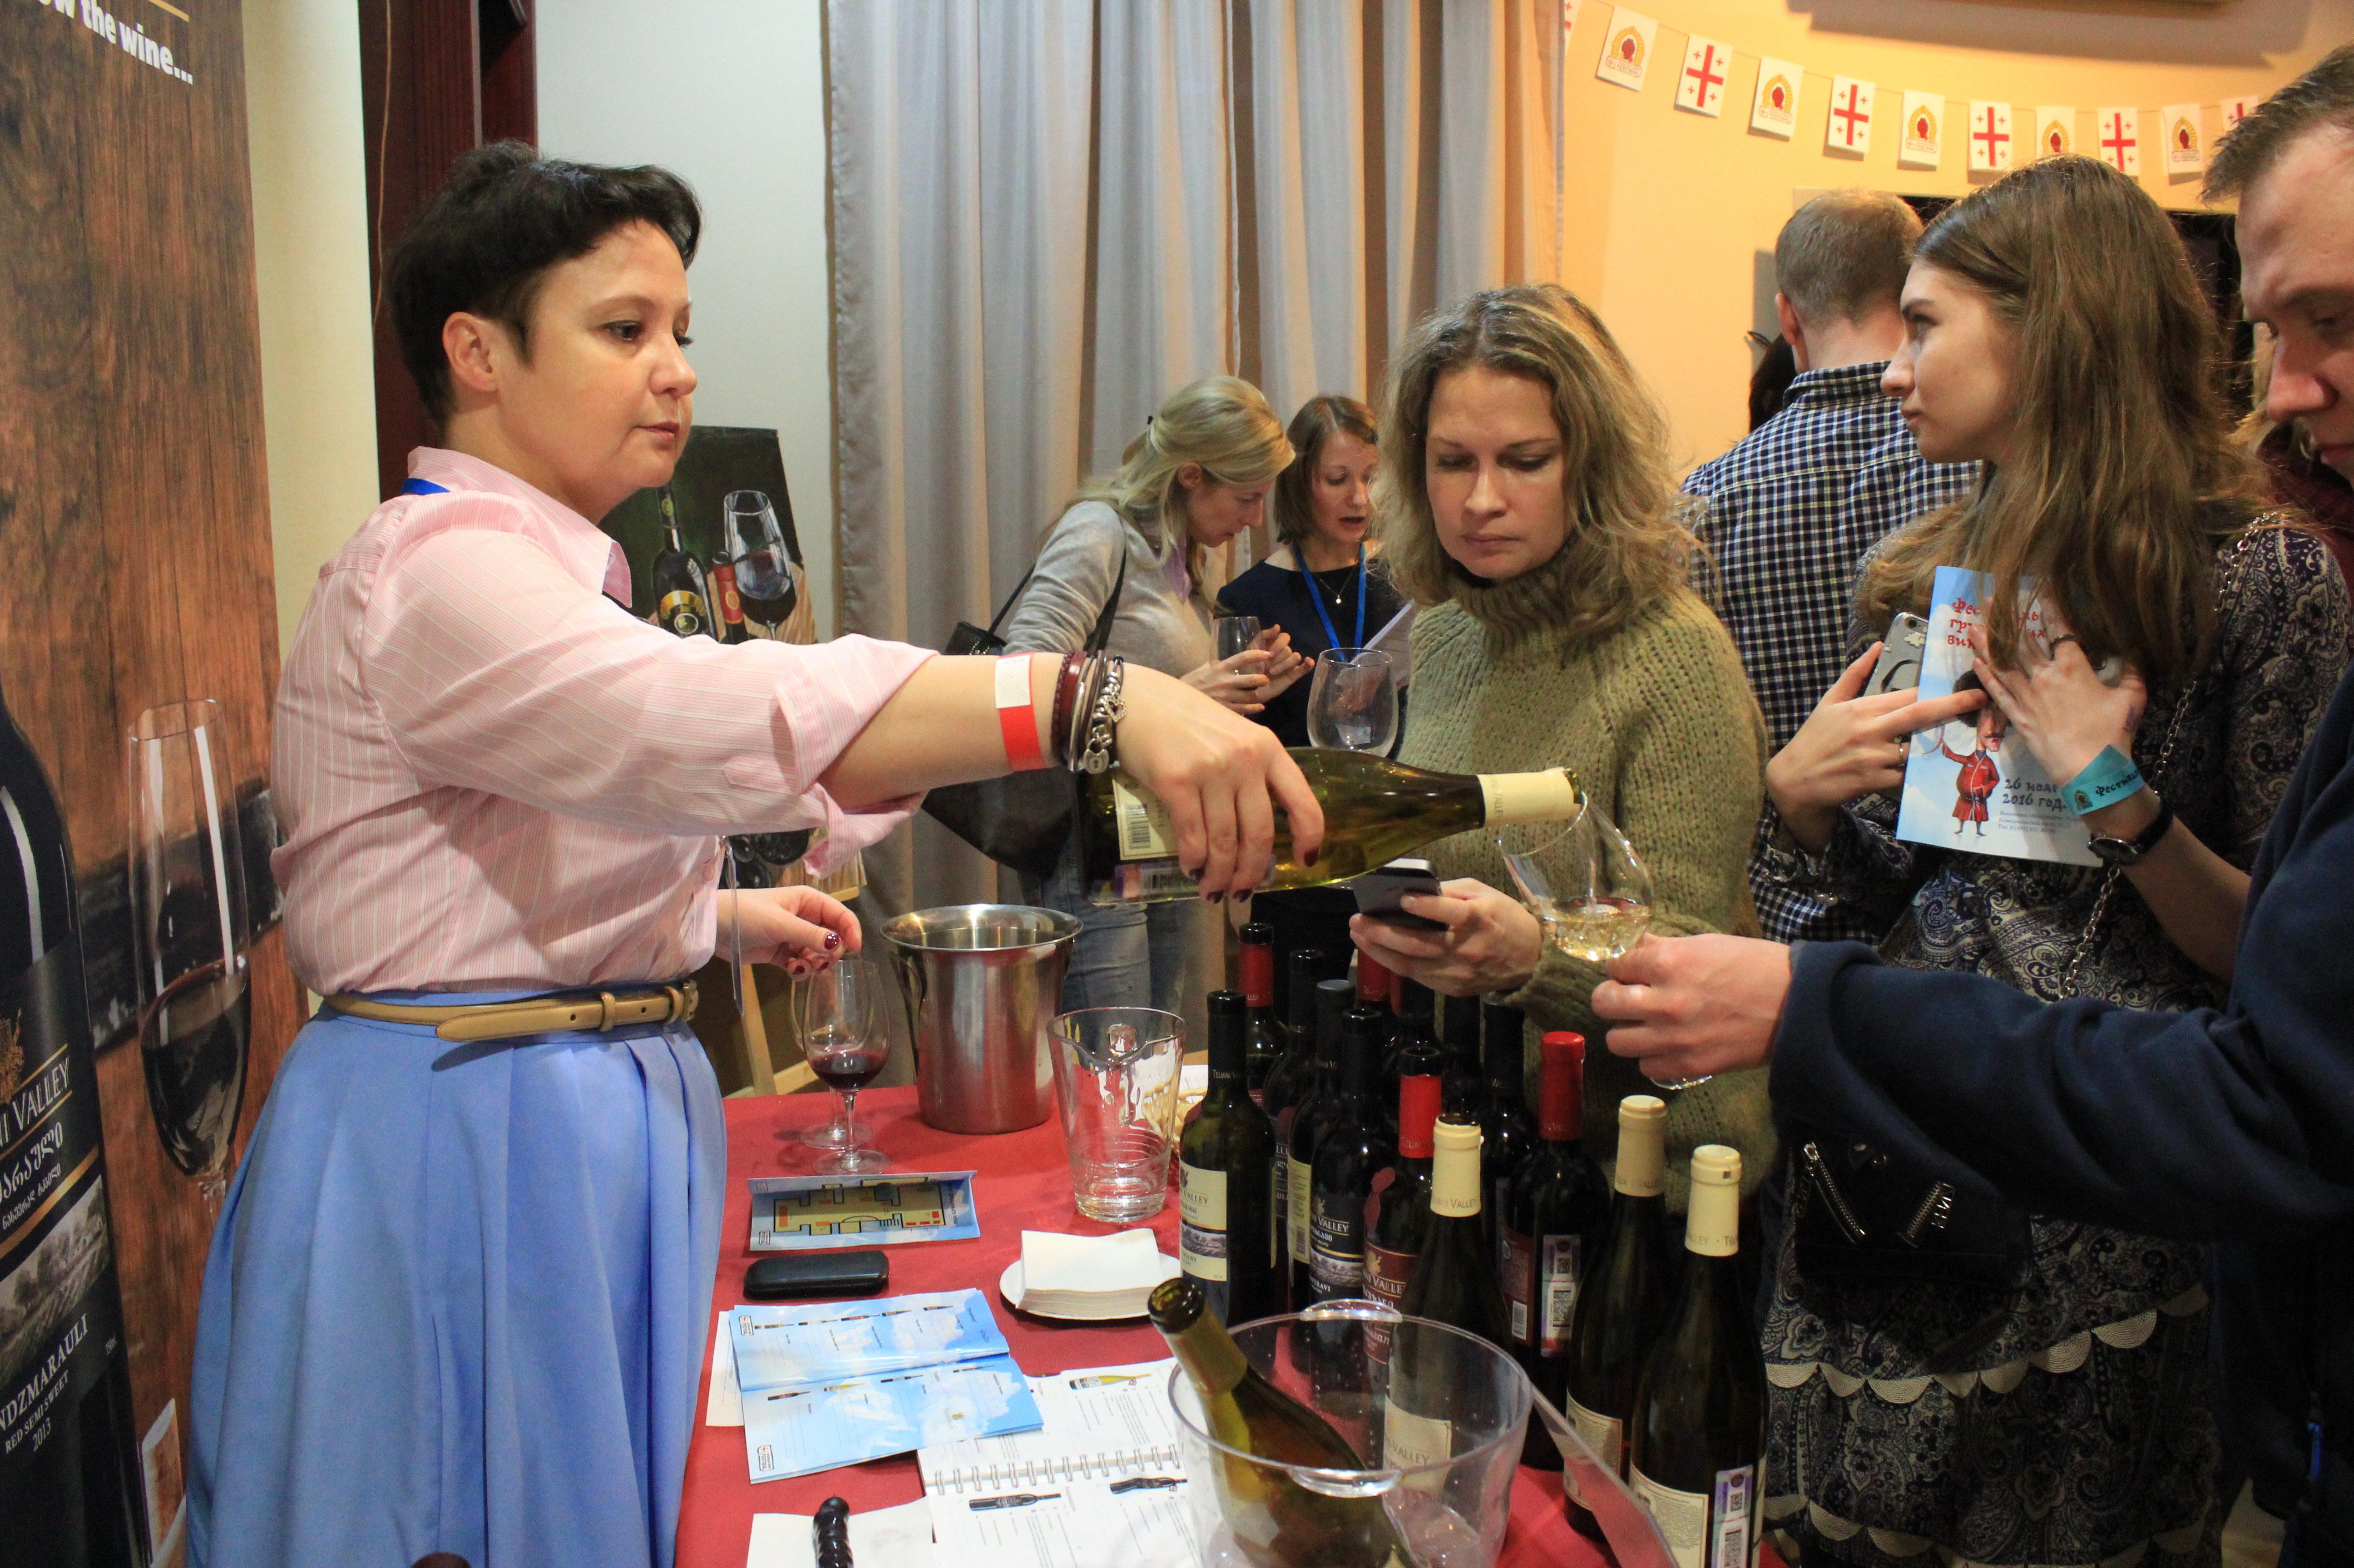 Гости дегустируют вино на фестивале грузинских вин в Москве